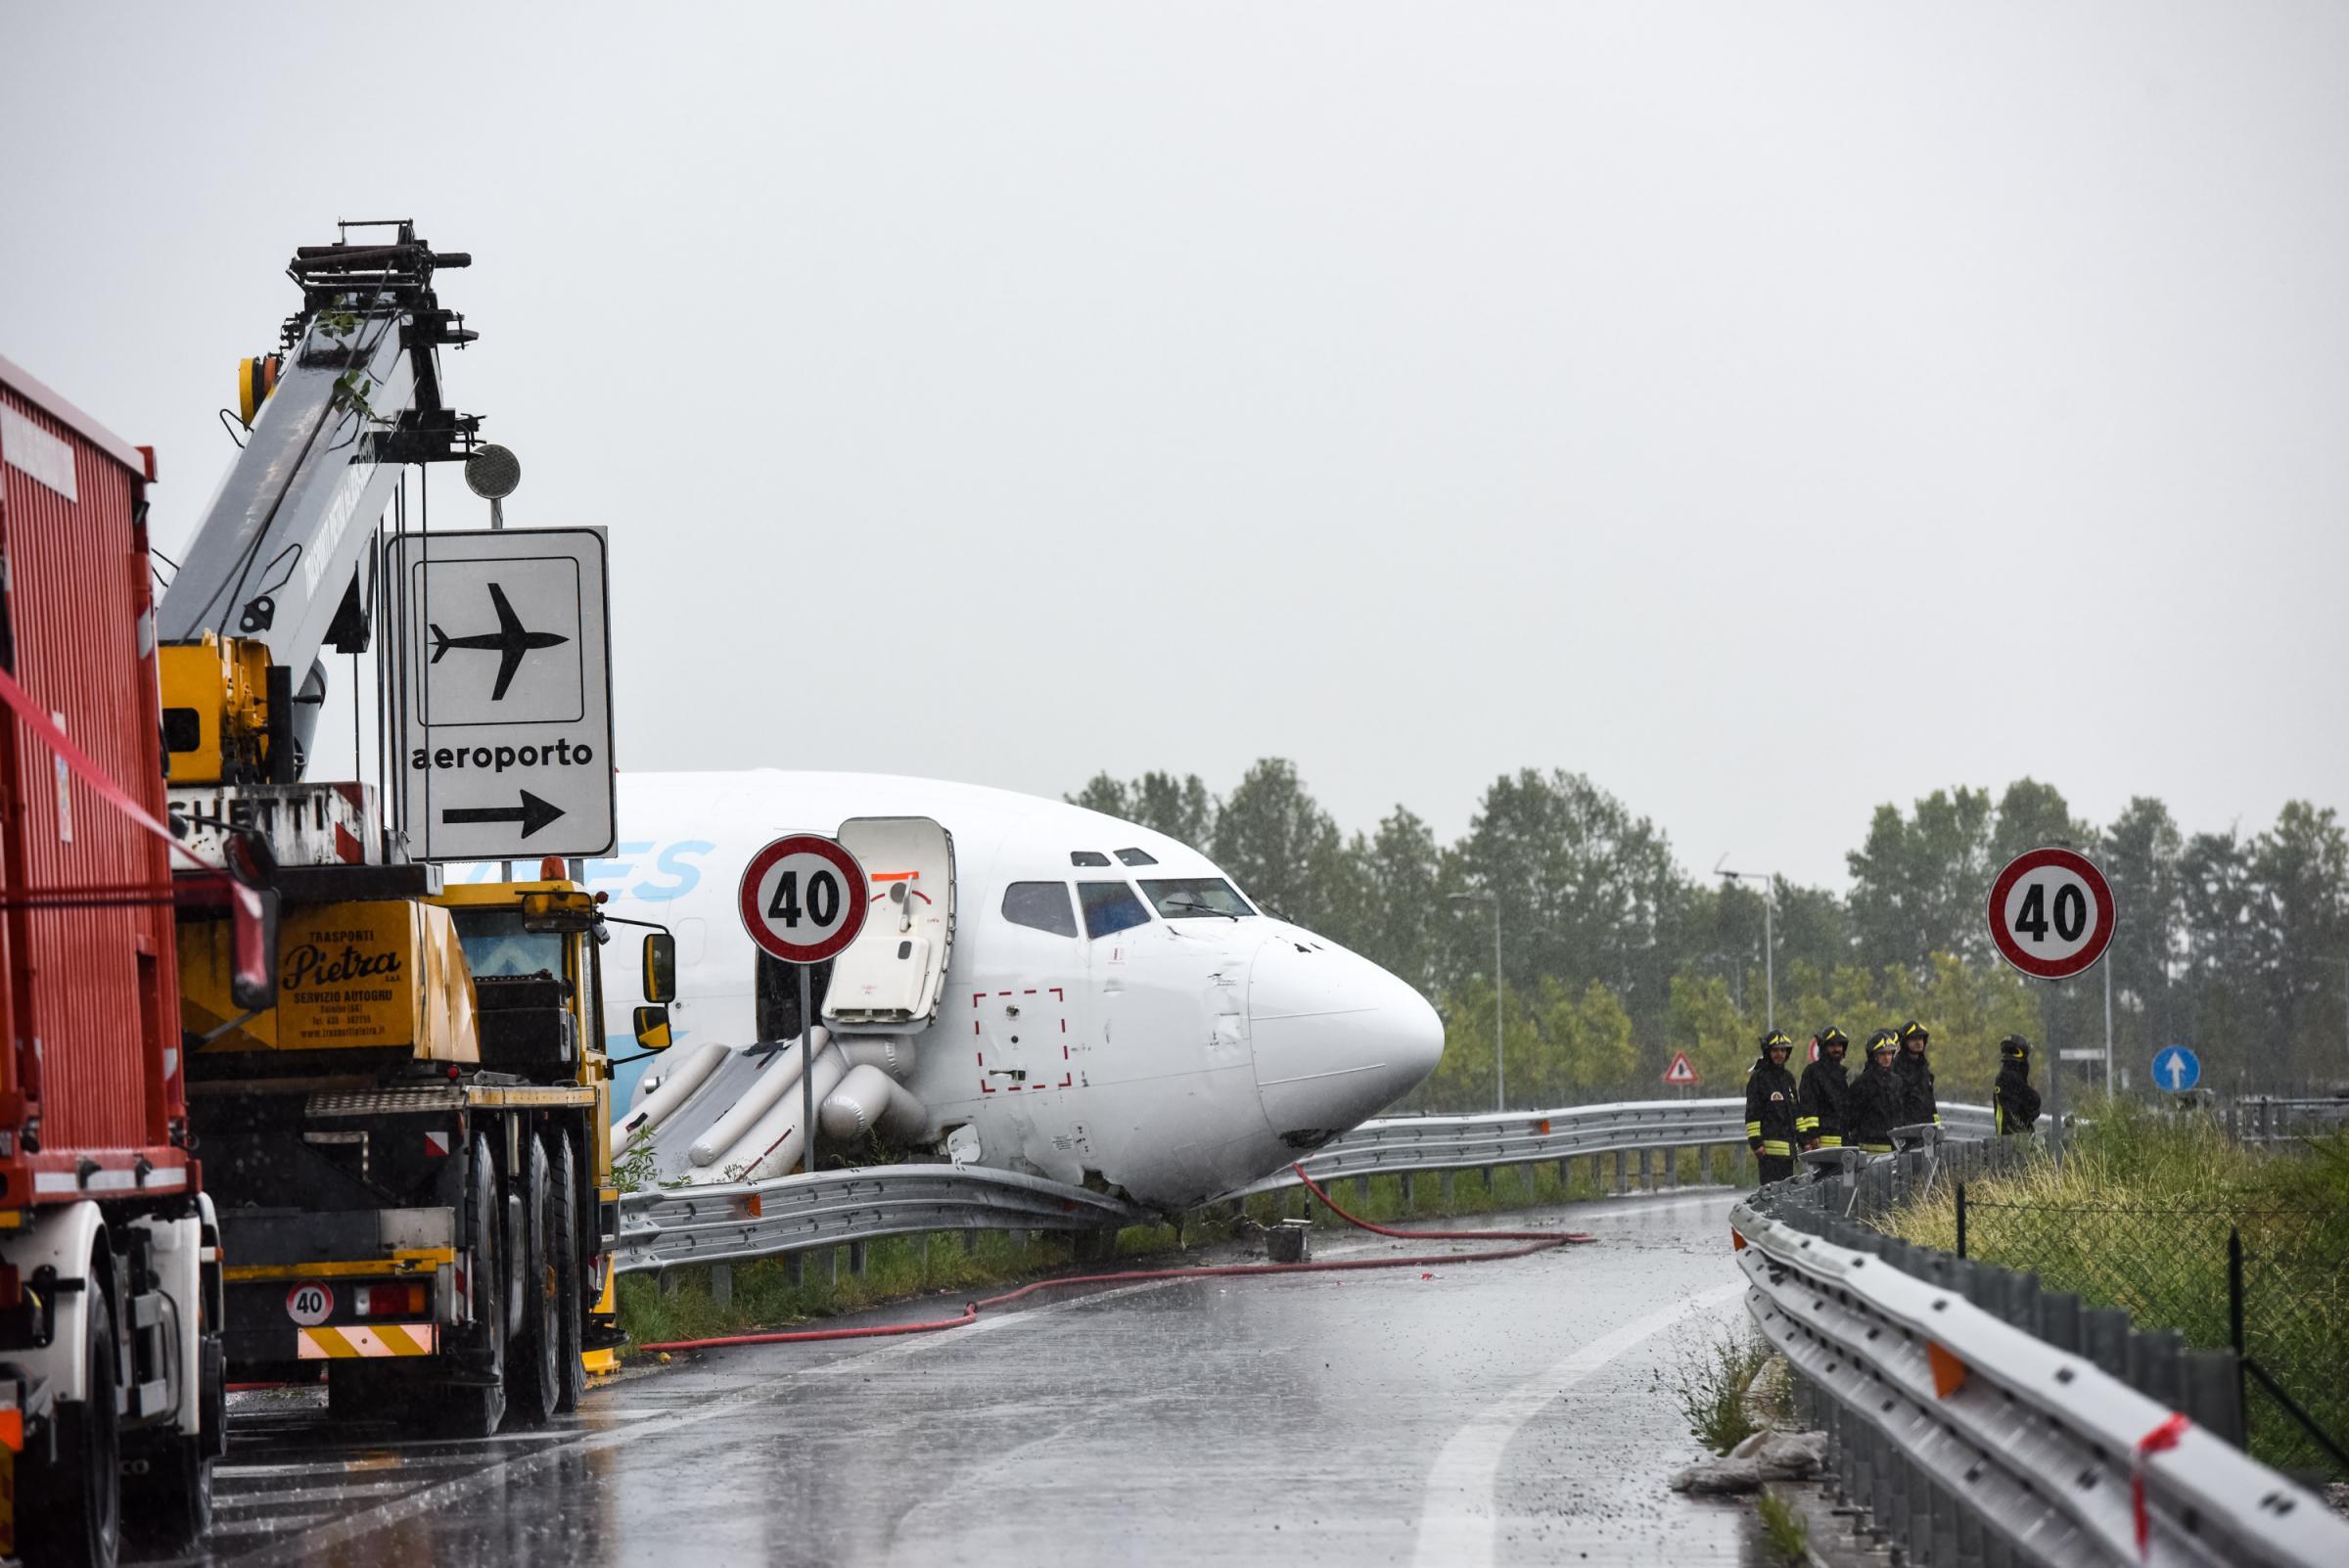 Aeroporto Orio : L orgoglio dell aeroporto di orio un anno di numeri strabilianti